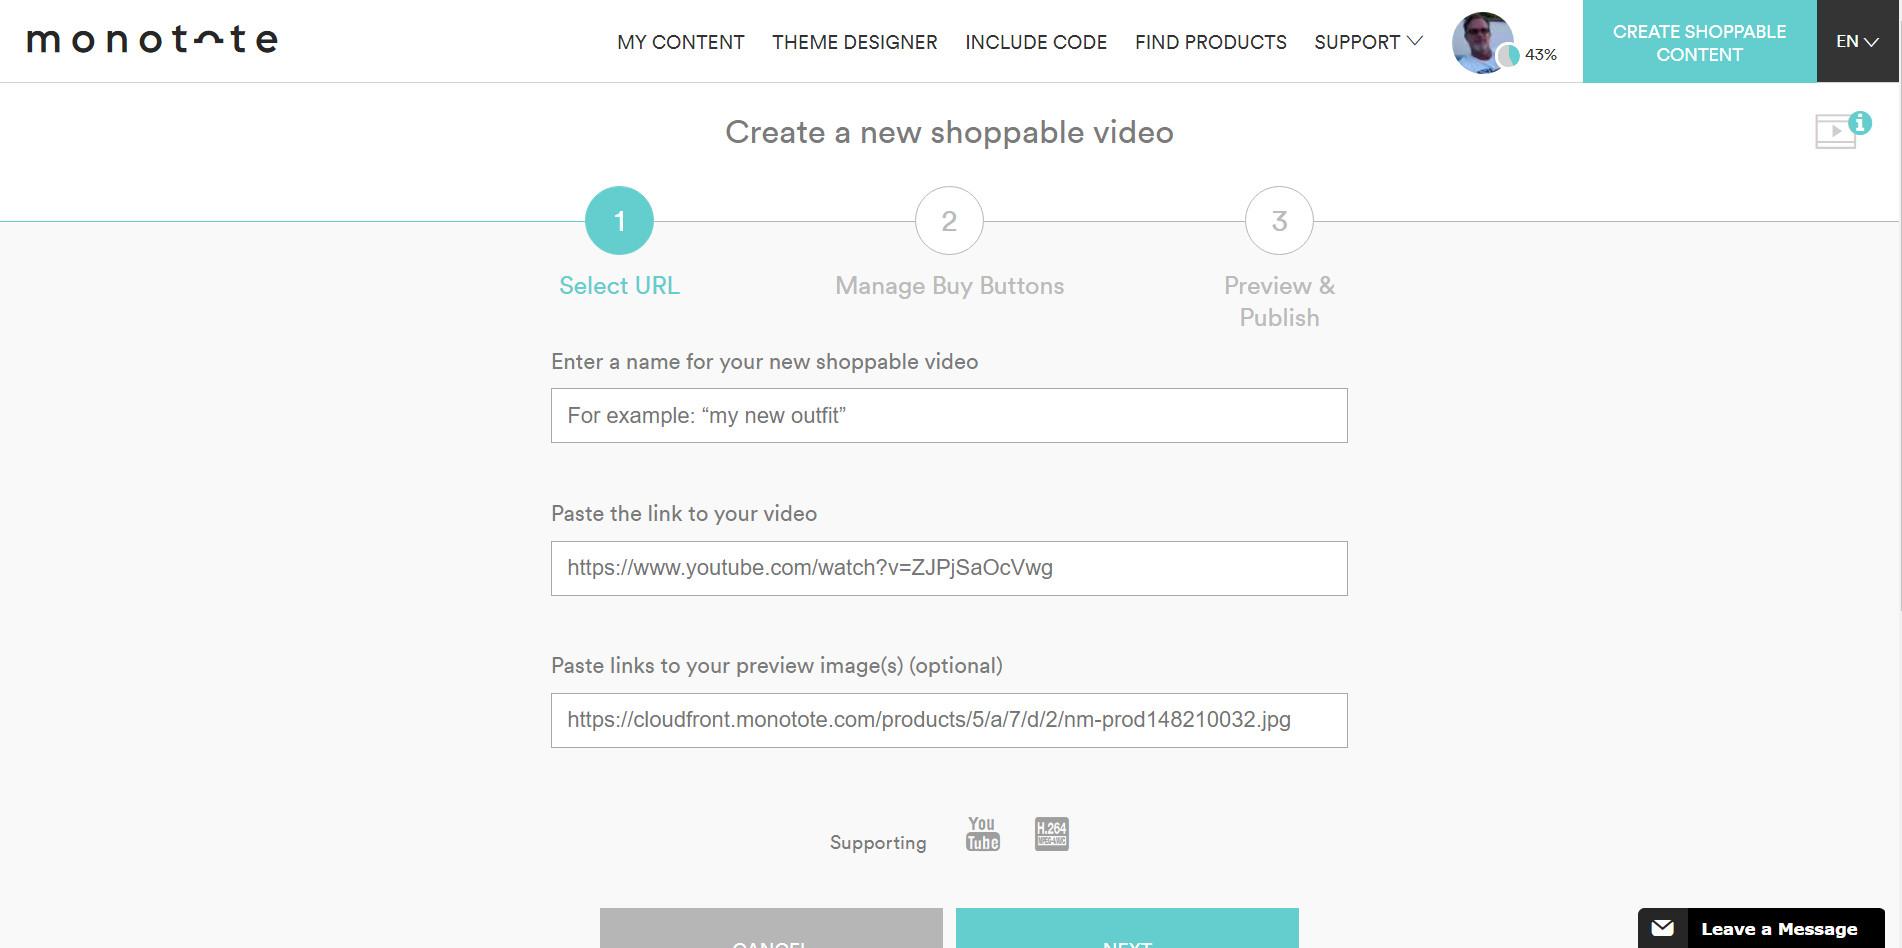 Monotote dashboard add video content